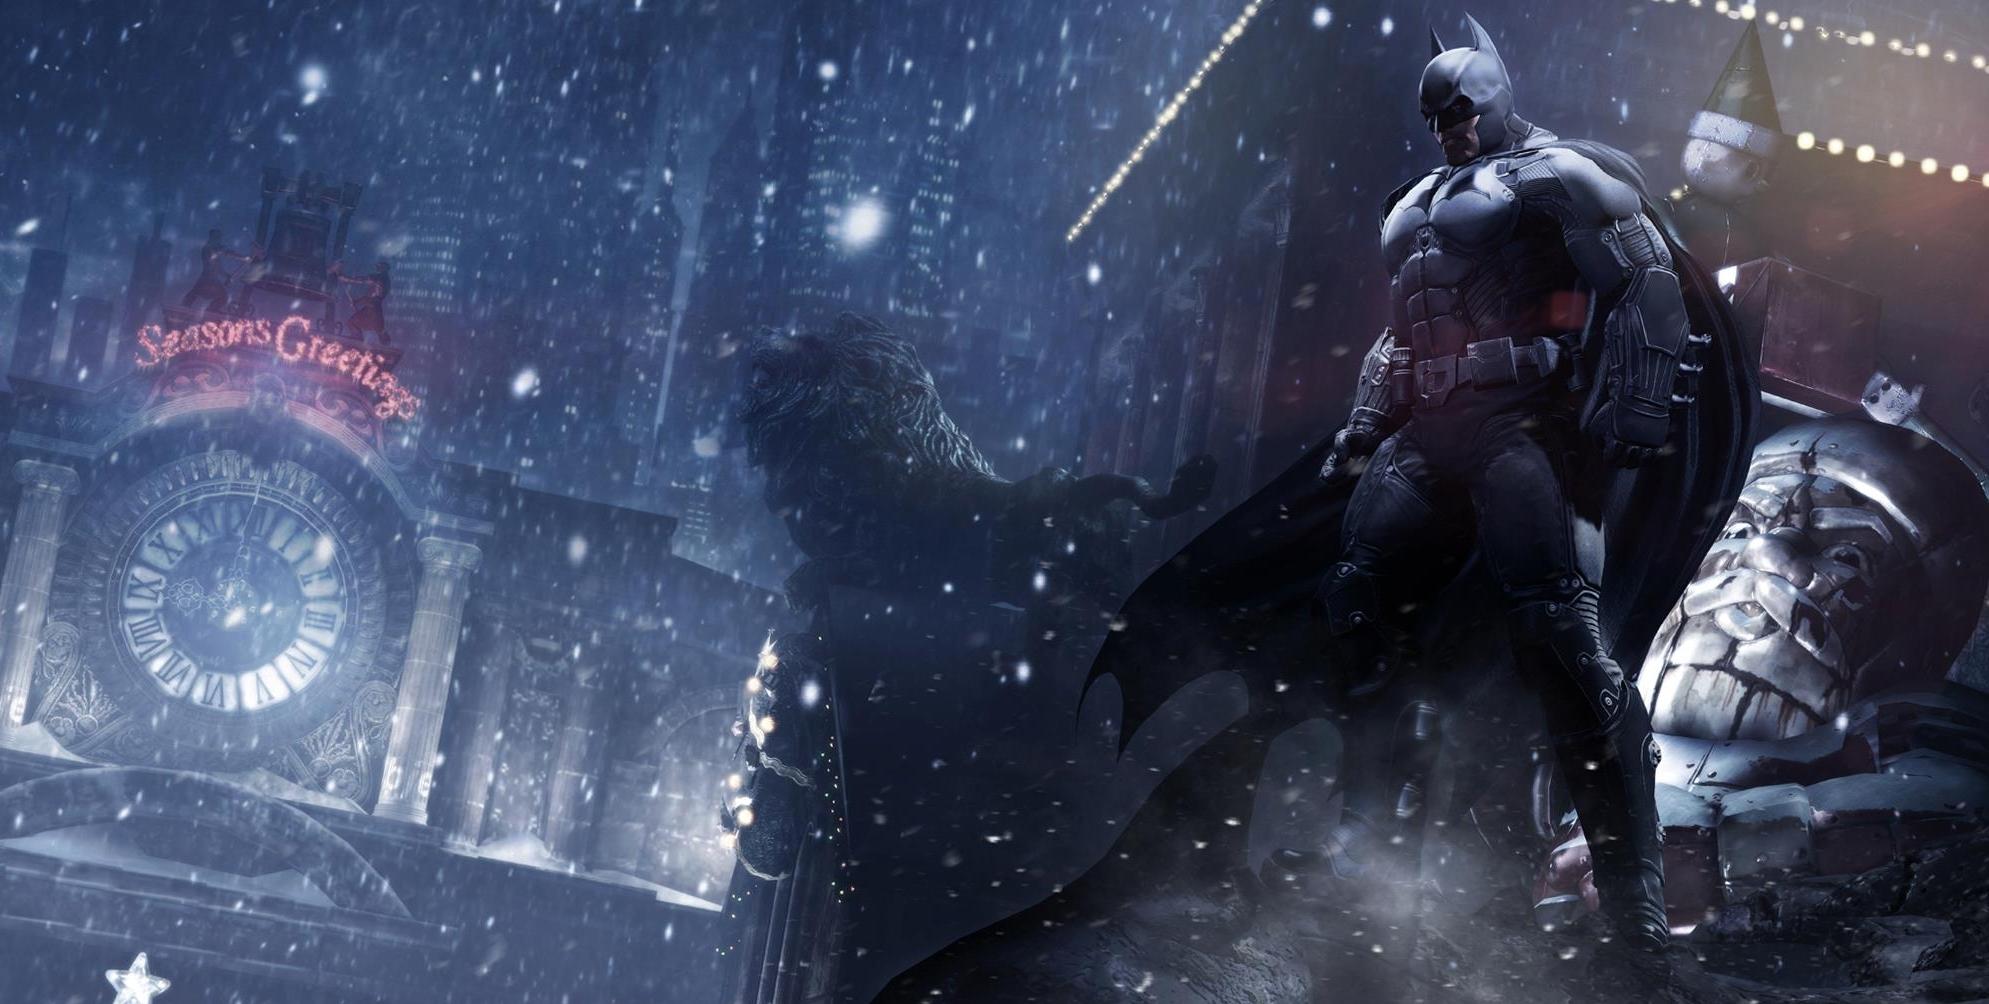 Batman Arkham Origins Wallpaper HD 1989x1004